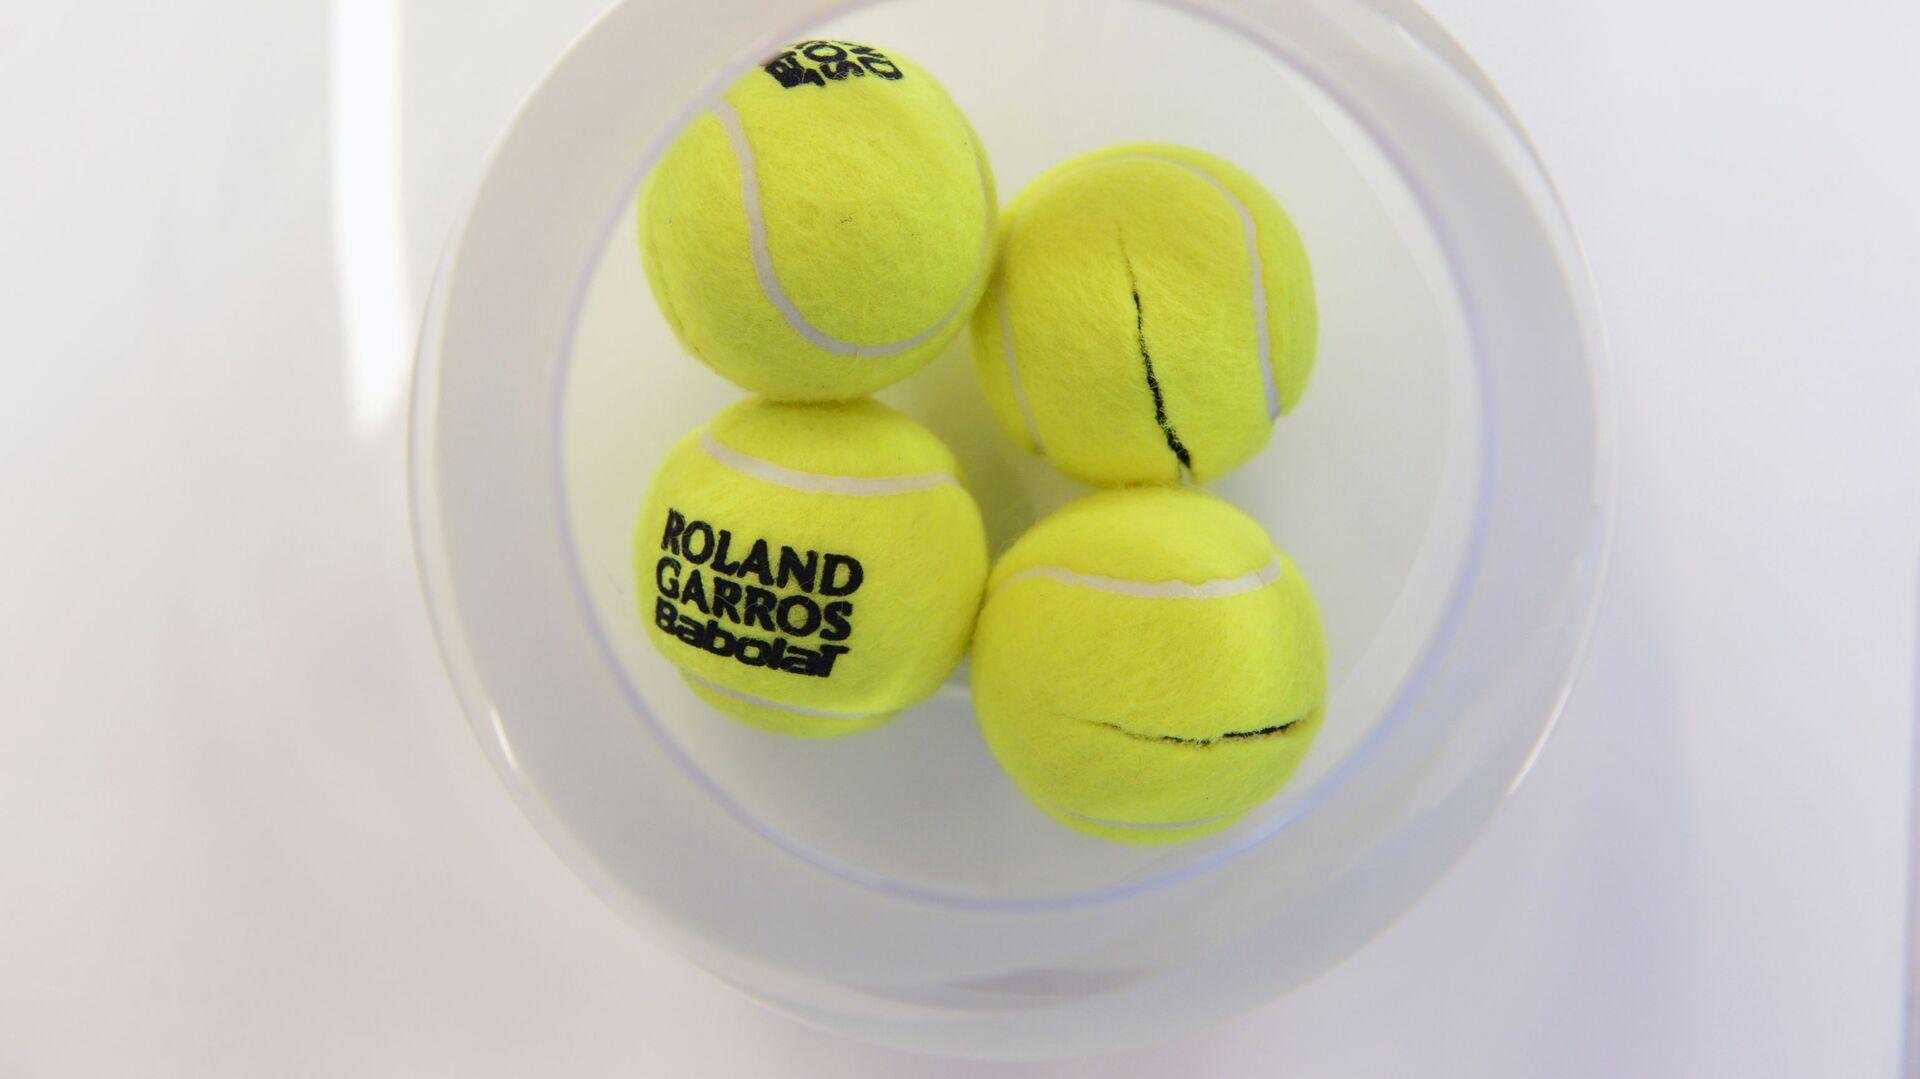 Pelotas de tenis  - Sputnik Mundo, 1920, 04.06.2021